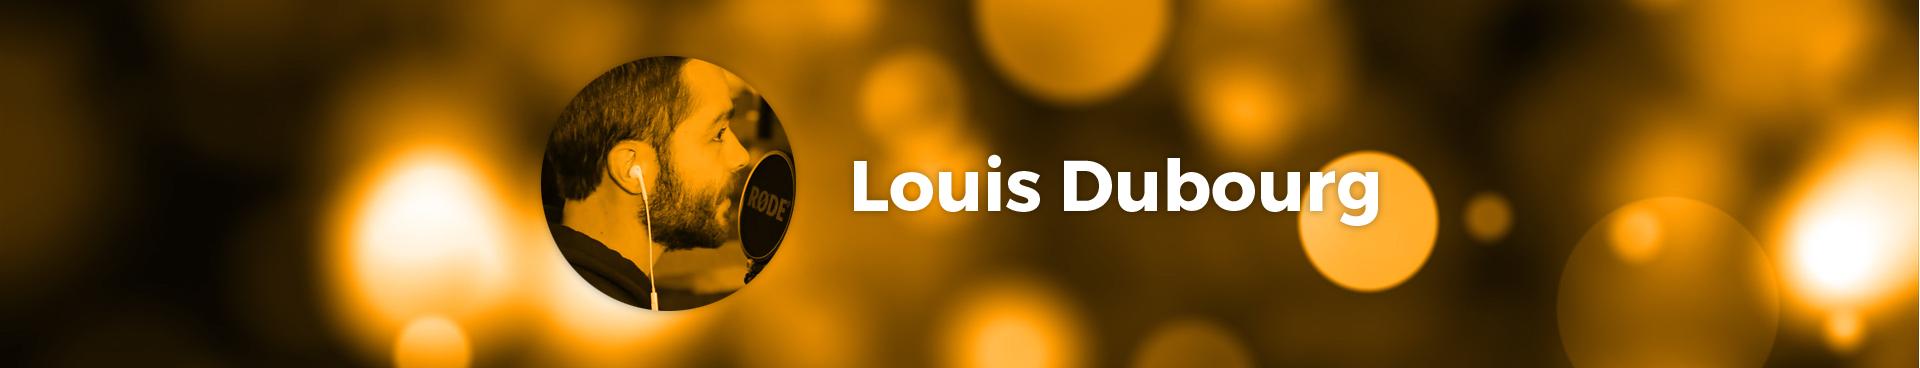 Louis Dubourg, artiste Le Spot du Rire